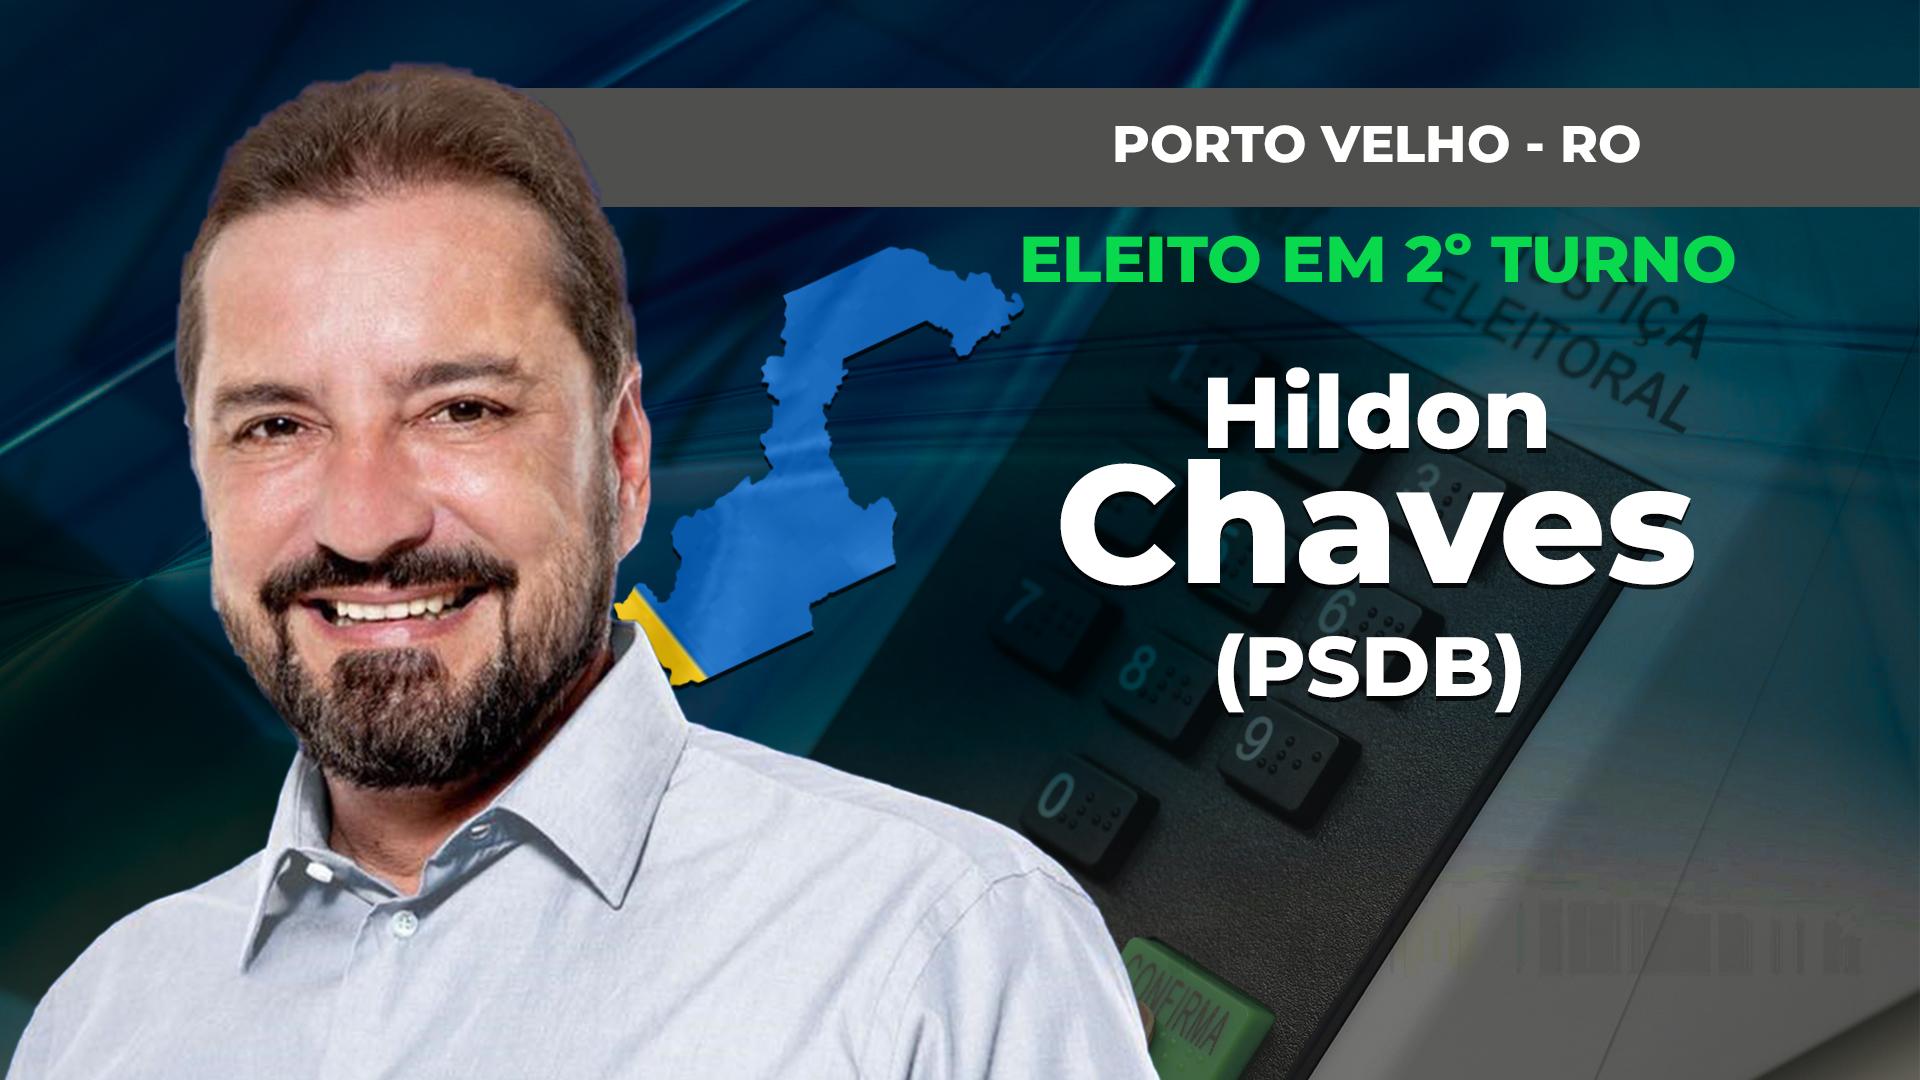 IMAGEM: PORTO VELHO: HILDON CHAVES É ELEITO